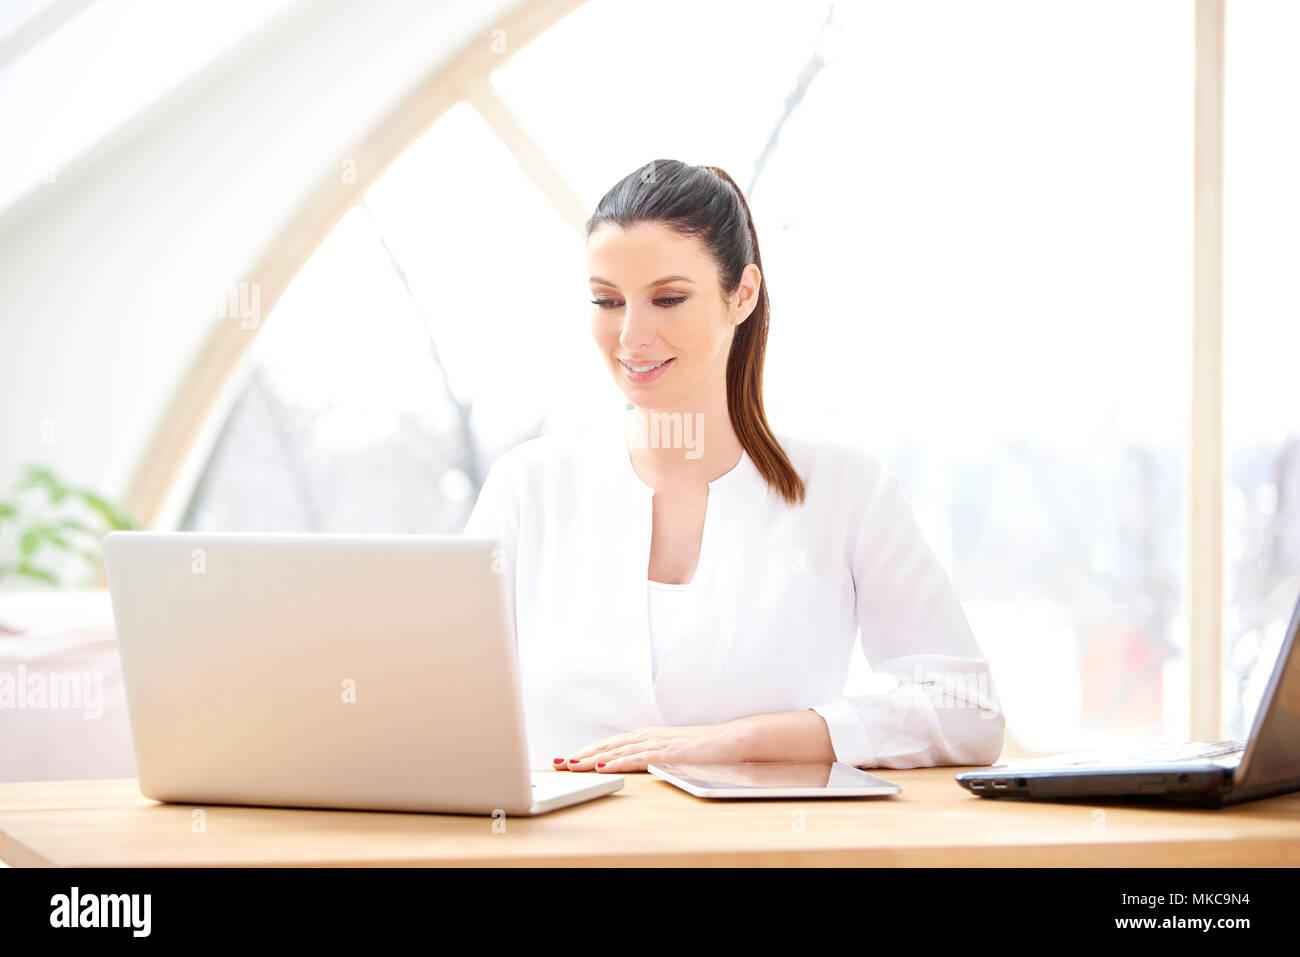 Hermosa joven empresaria trabajando en el portátil. La oficina en casa. Imagen De Stock